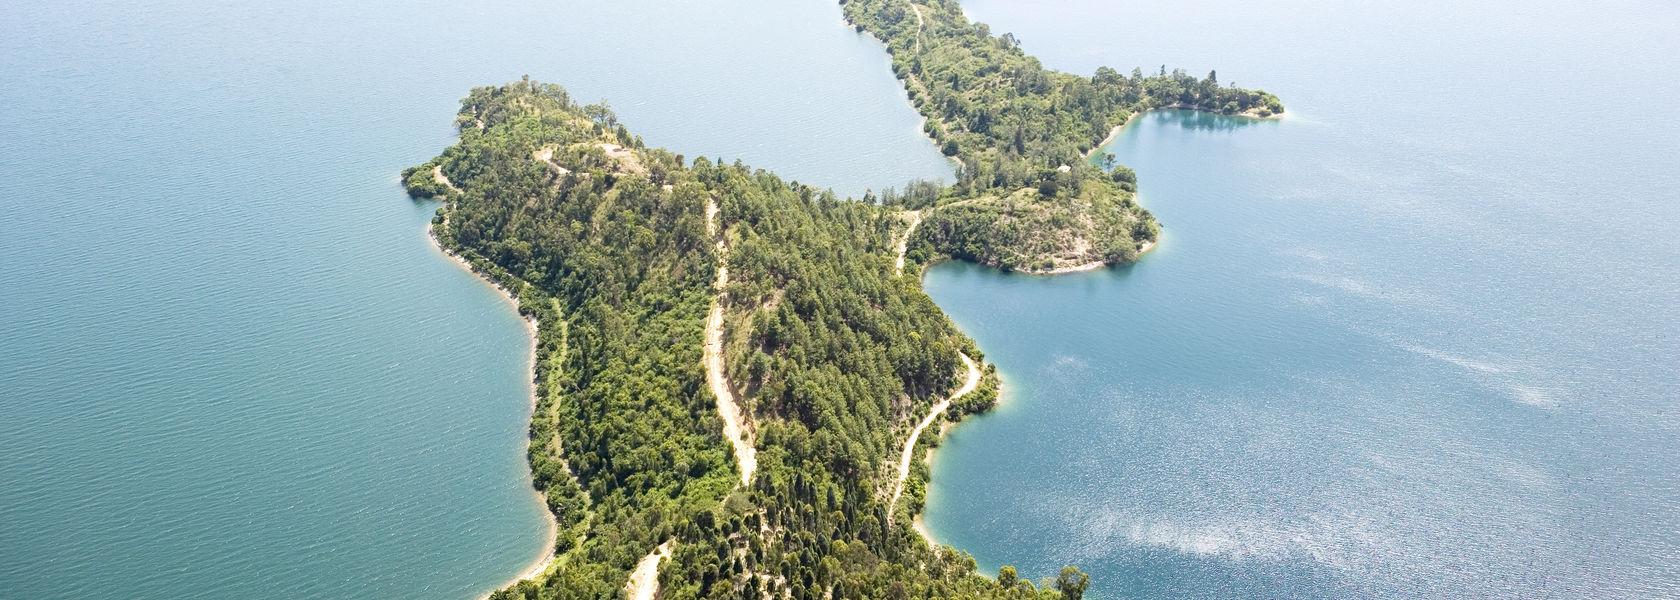 Lake Kivu Rwanda - Kivu meer - Matoke Tours